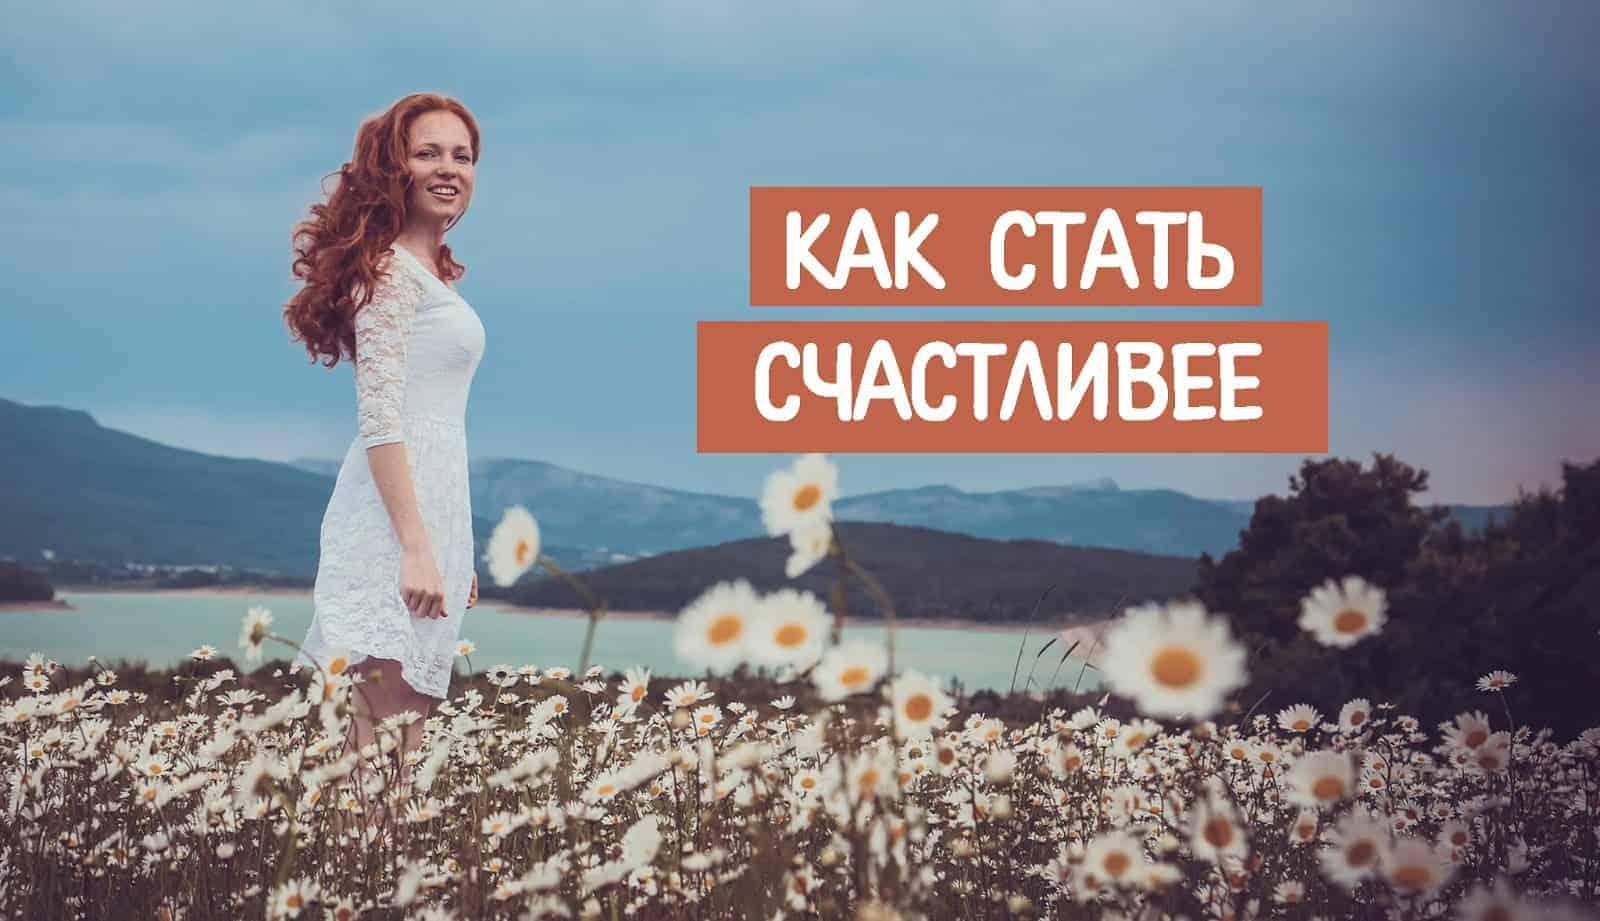 Бесплатные развлечения в Москве: как бюджетно развлечься